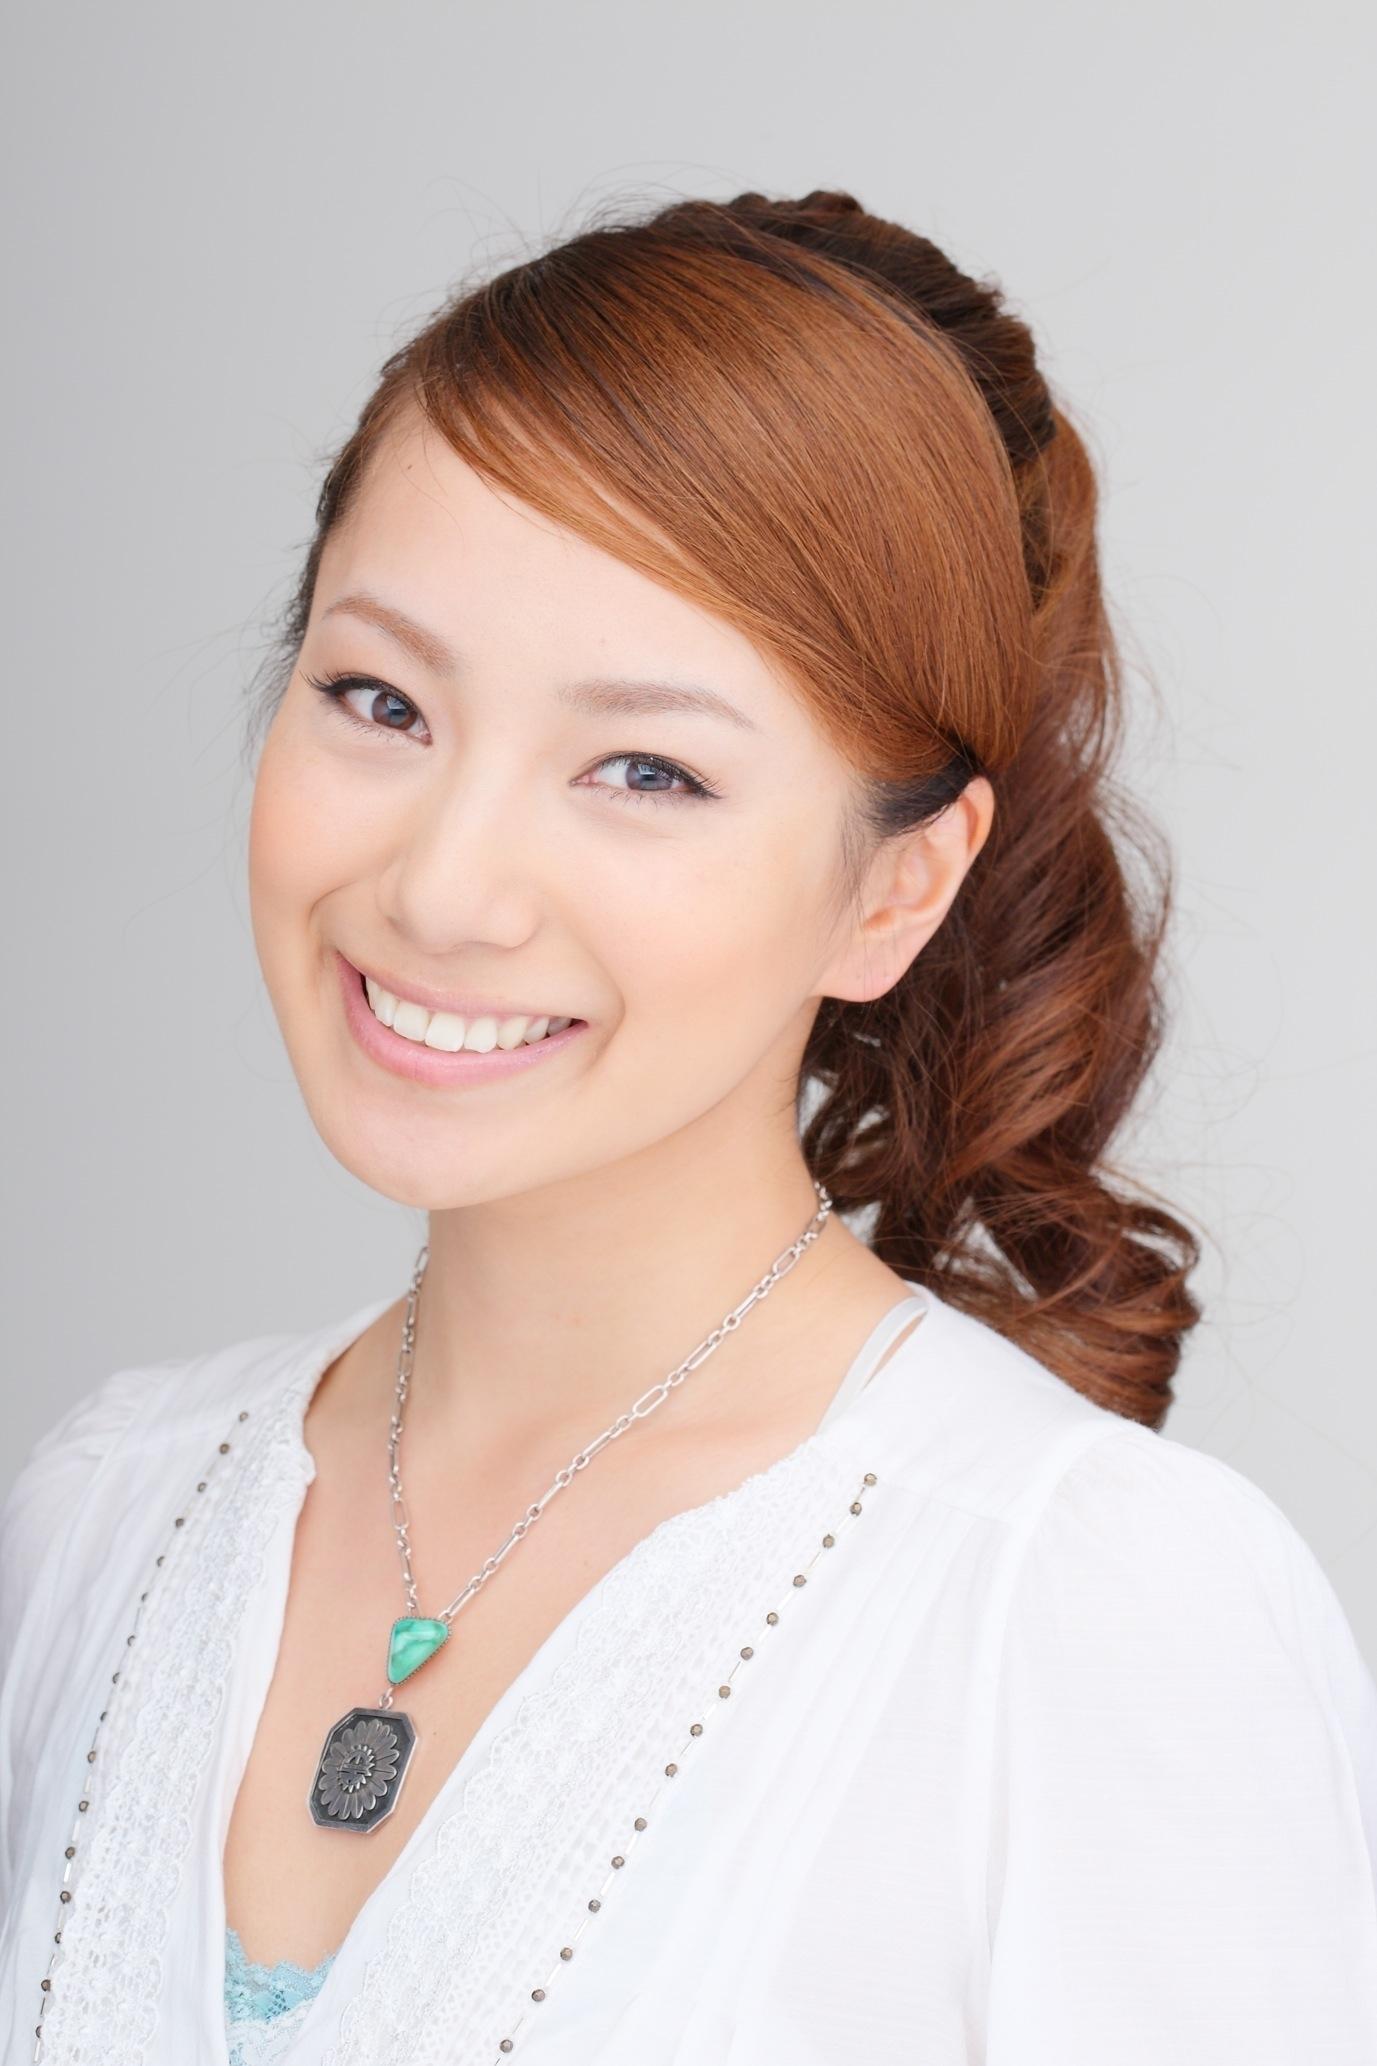 モラハラが原因で離婚?!三船美佳さんの離婚騒動について徹底検証!!のサムネイル画像